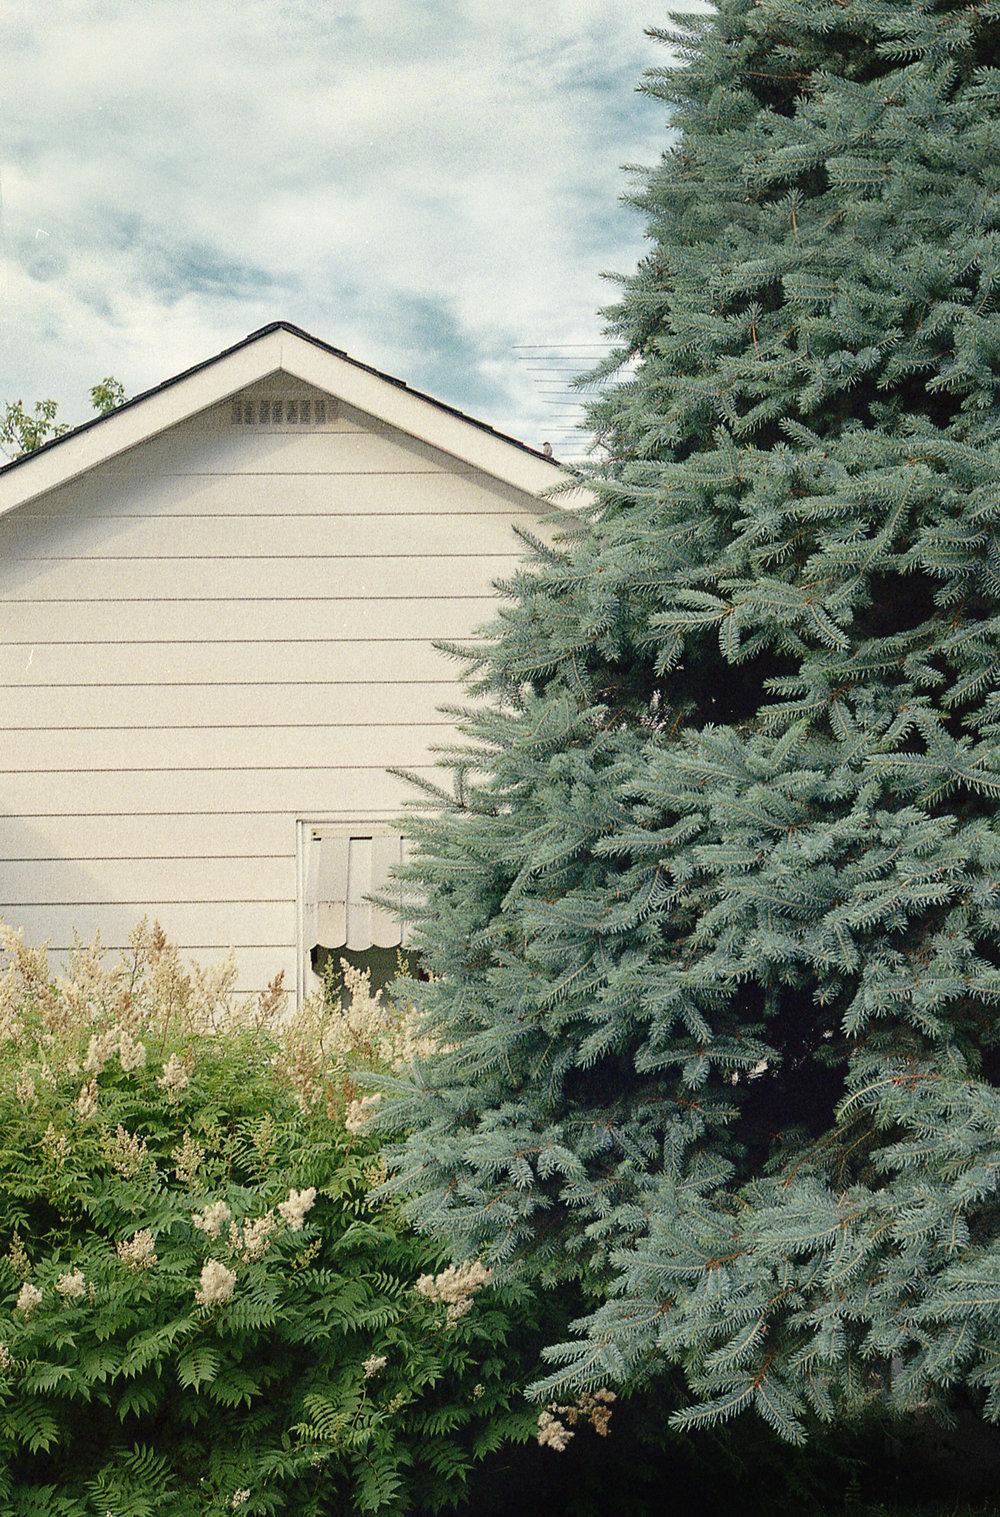 Schofield-Ashton-Nature-Suburbia-08.jpg